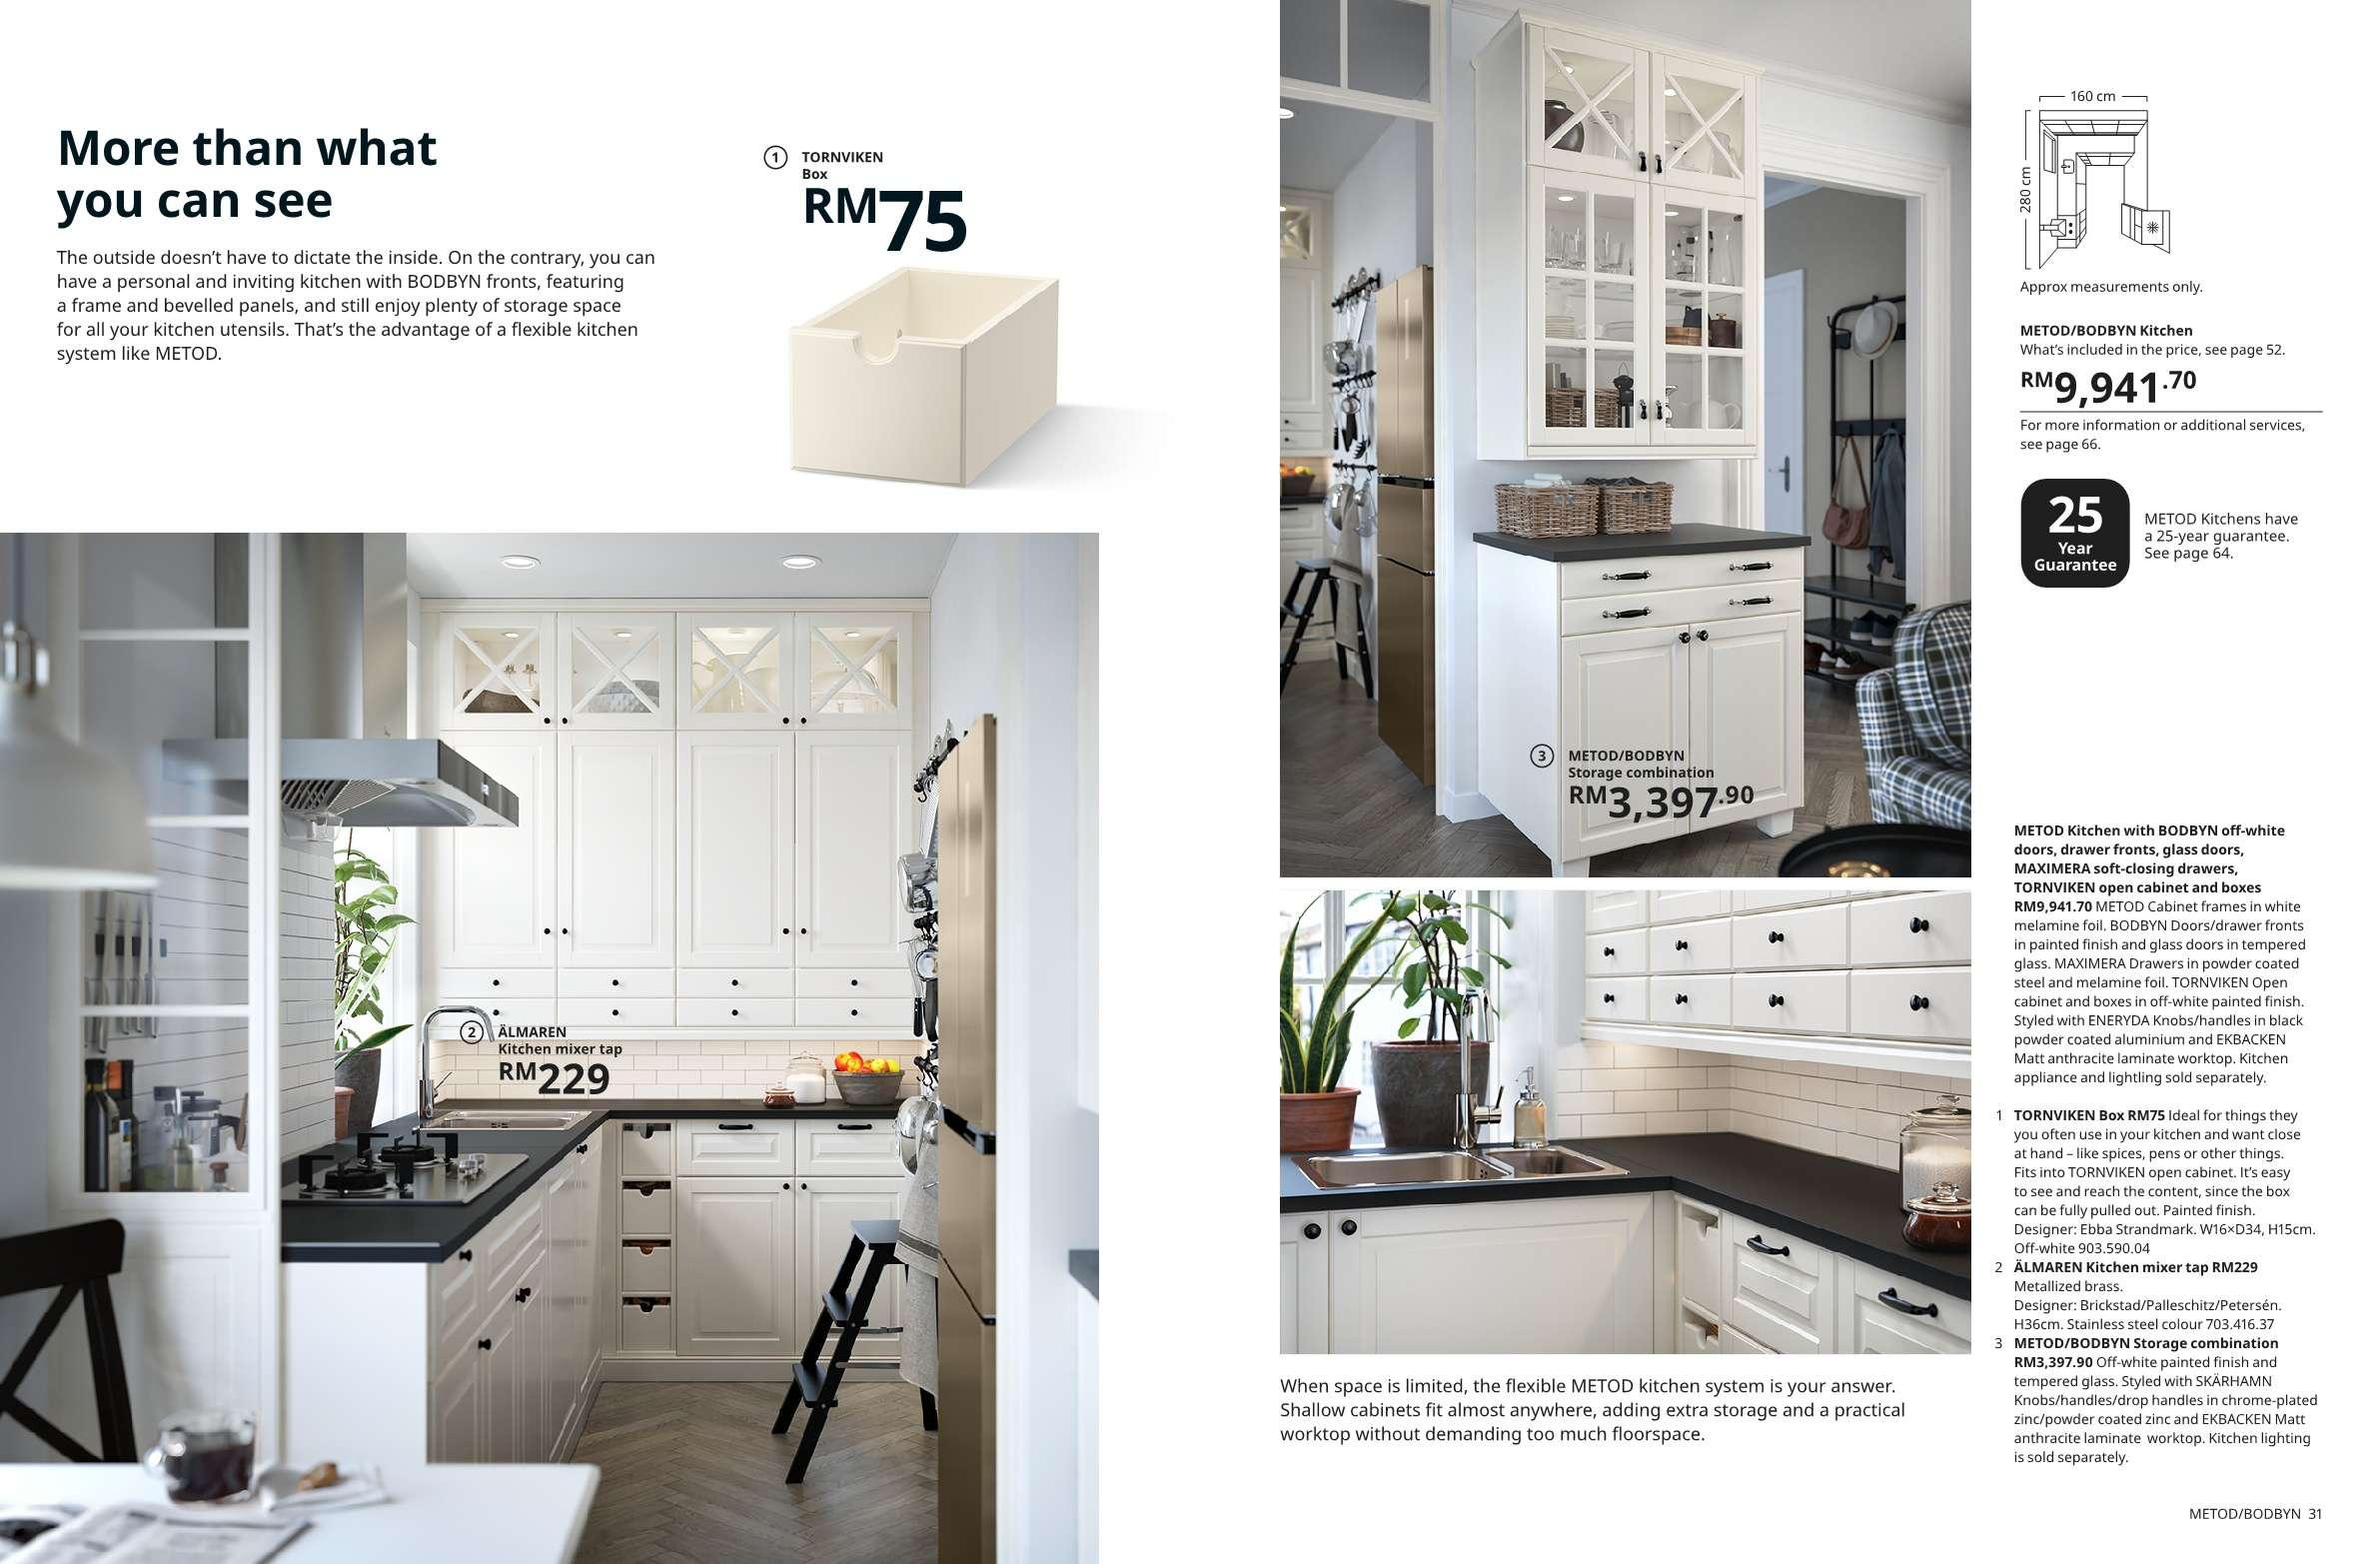 Ikea Catalogue(27 August 2020 - 31 Jul 2021)